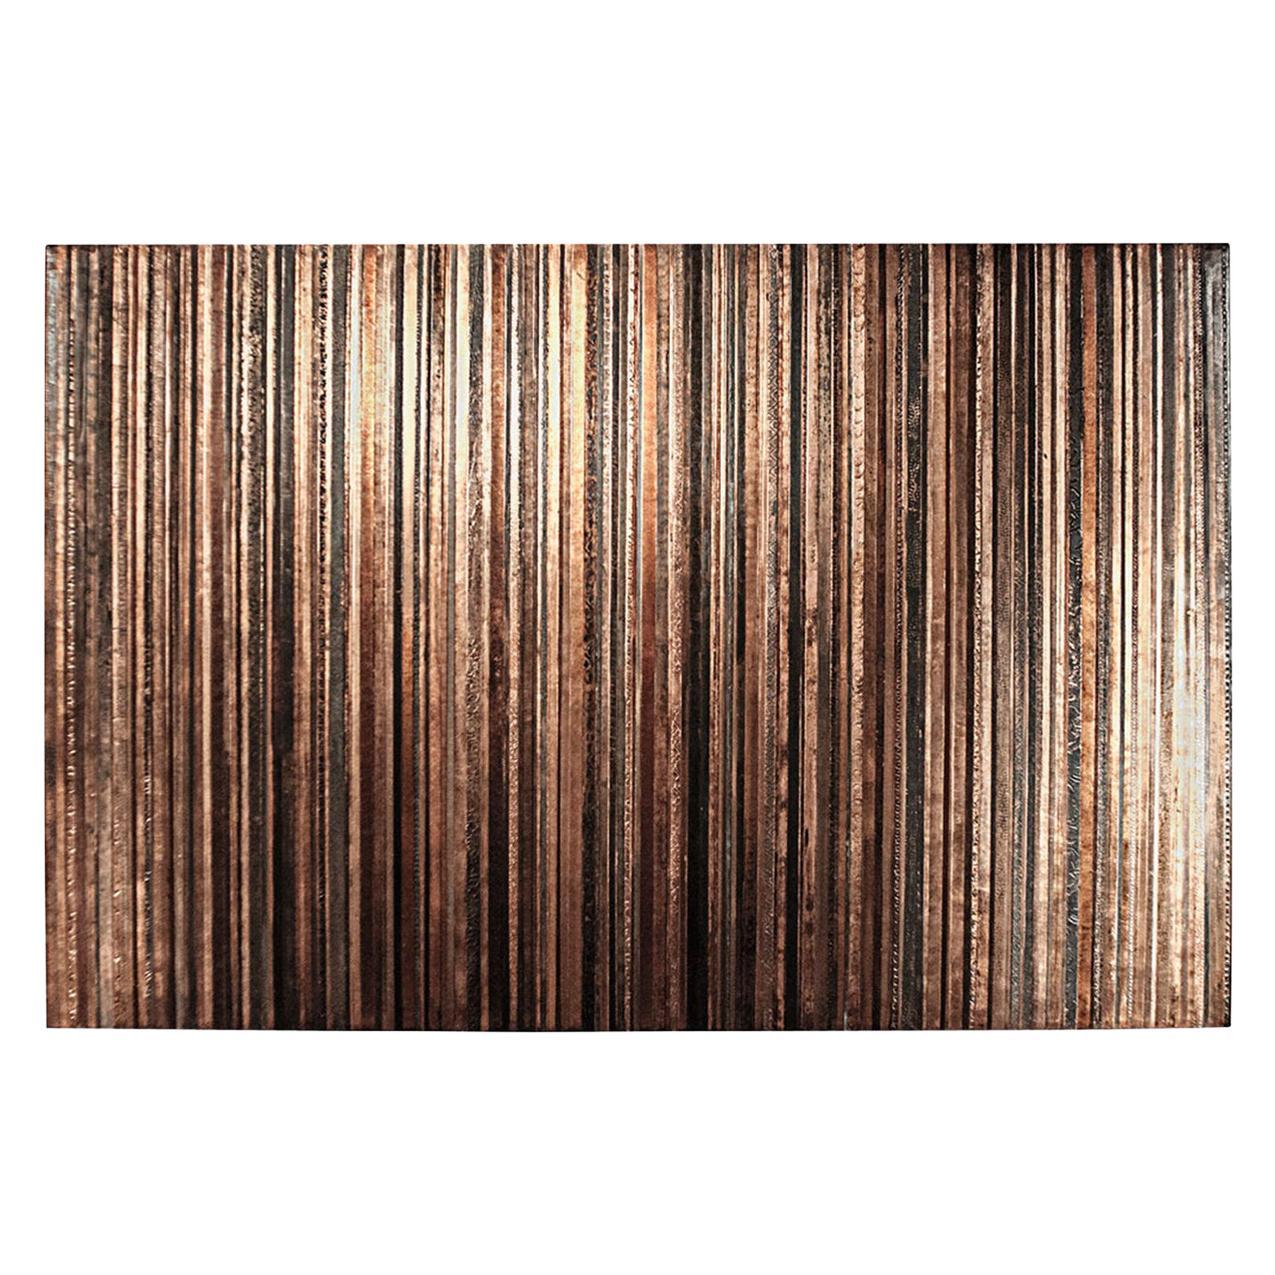 21st Century Laboratorio Avallone Artwork Copper